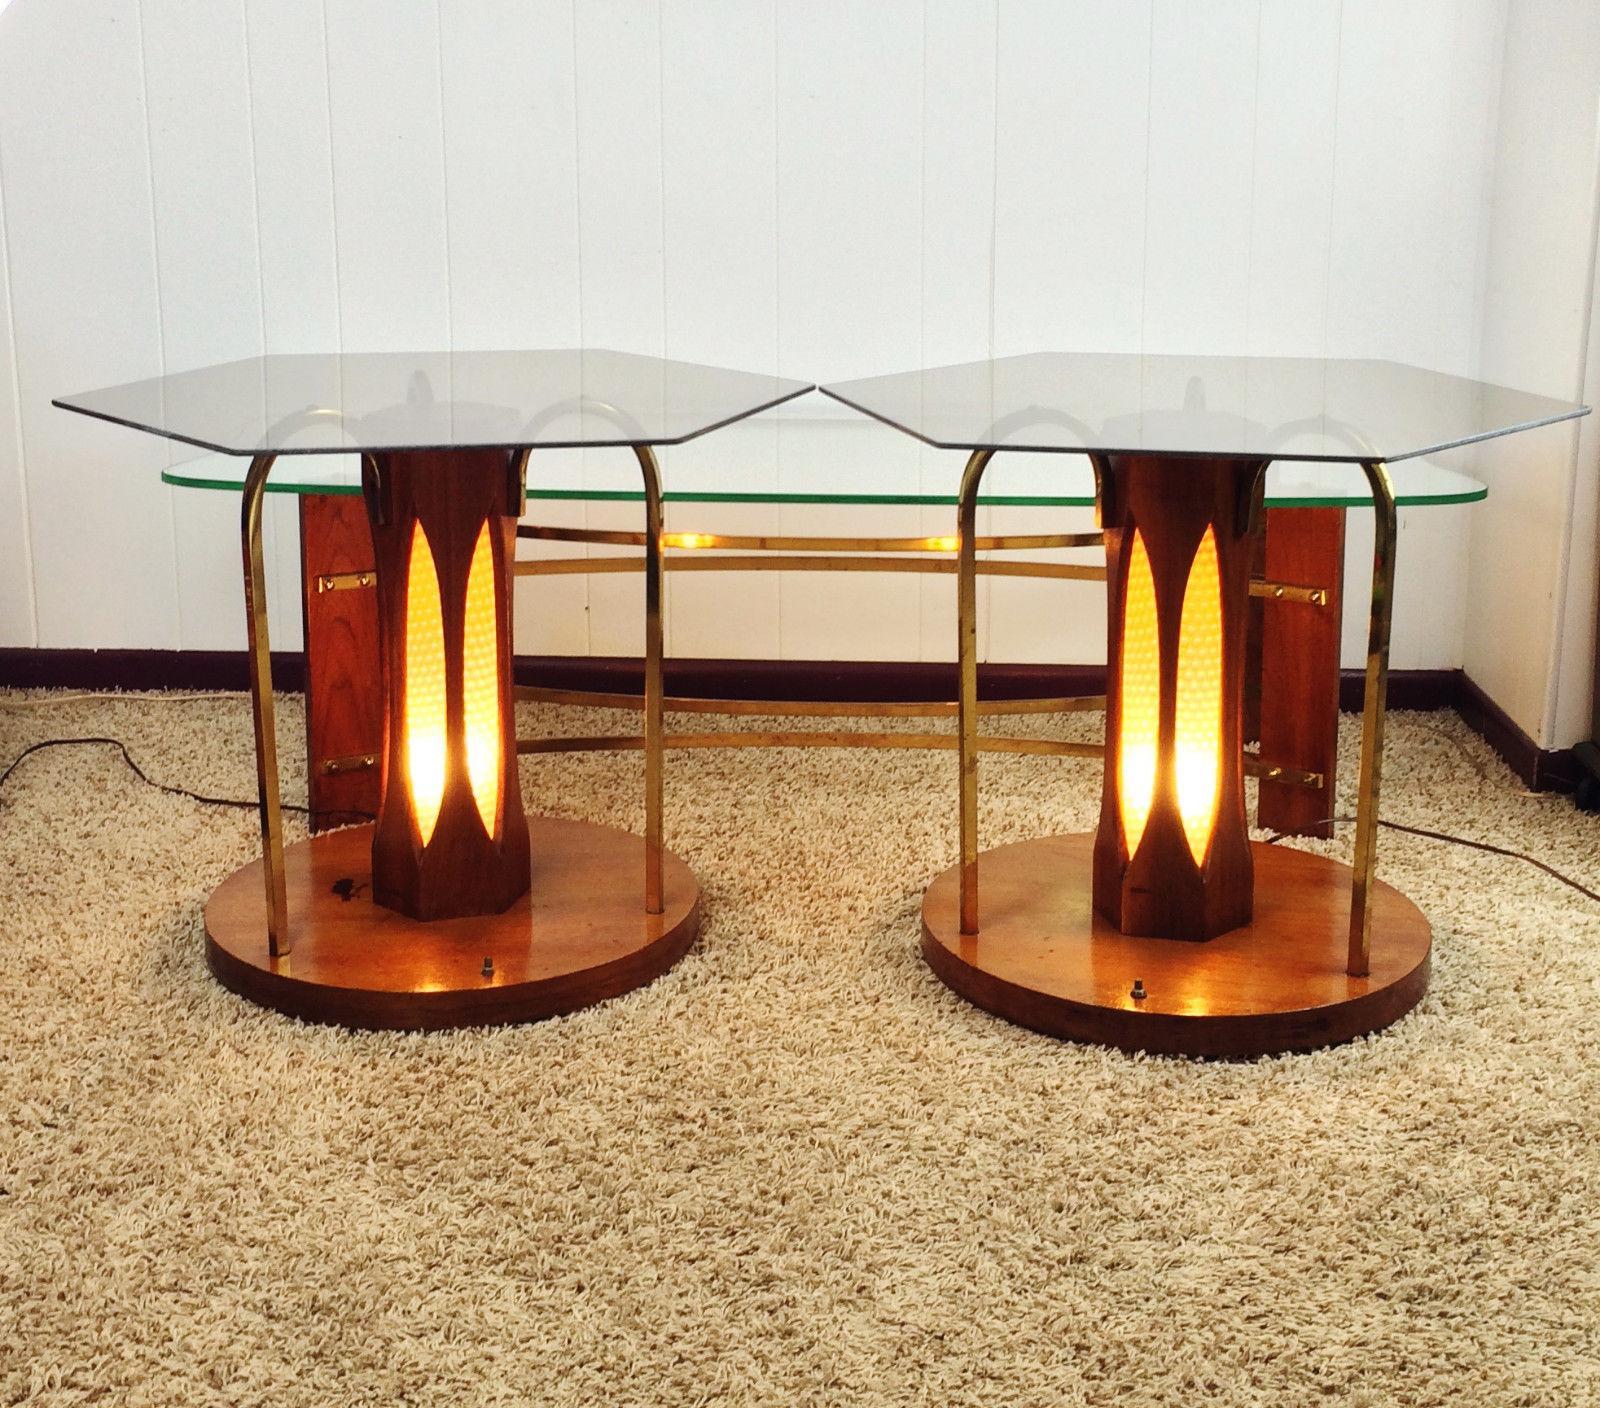 Mid-Century Wood u0026 Glass Coffee u0026 Lighted Side Table - Set of 3 - & Mid-Century Wood u0026 Glass Coffee u0026 Lighted Side Table - Set of 3 ...